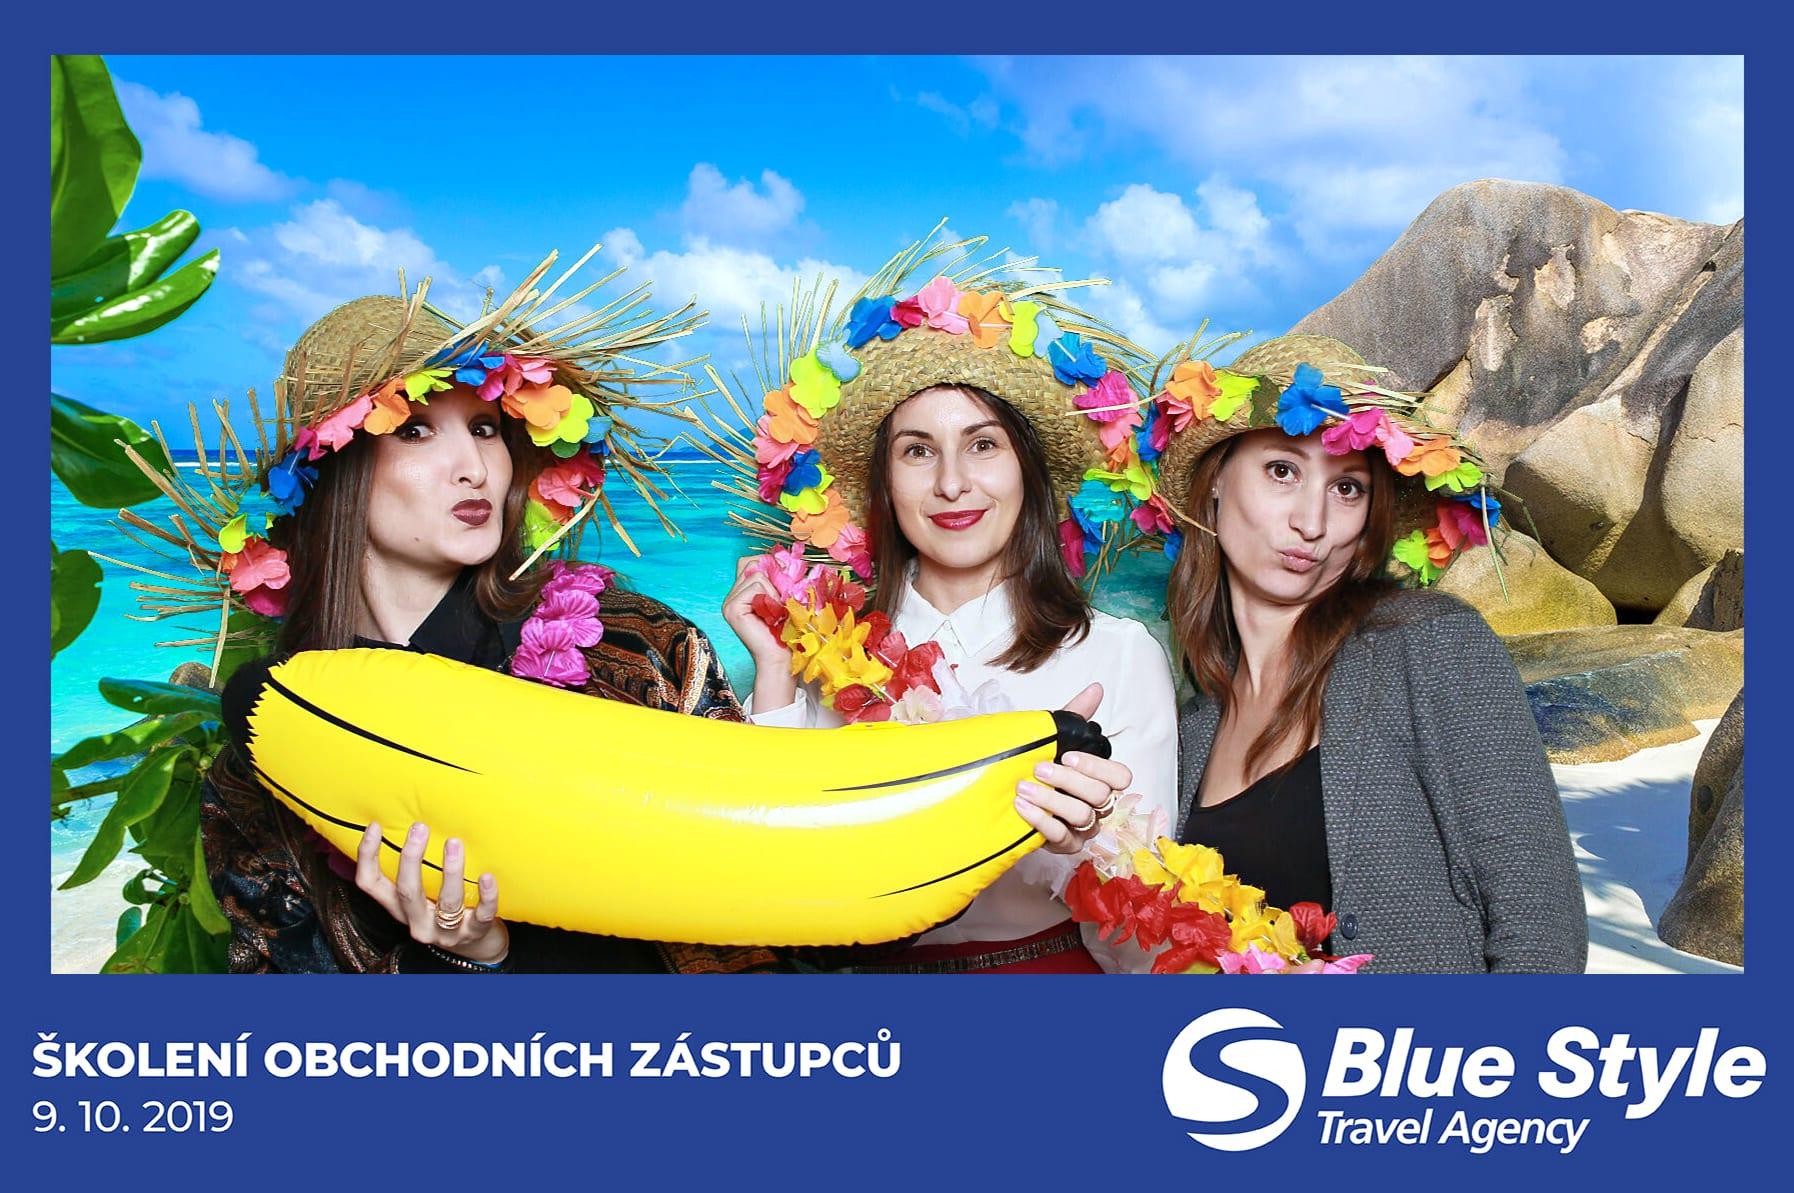 fotokoutek-firemni-vecirek-praha-blue-style-skoleni-obchodnich-zastupcu-9-10-2019-661113